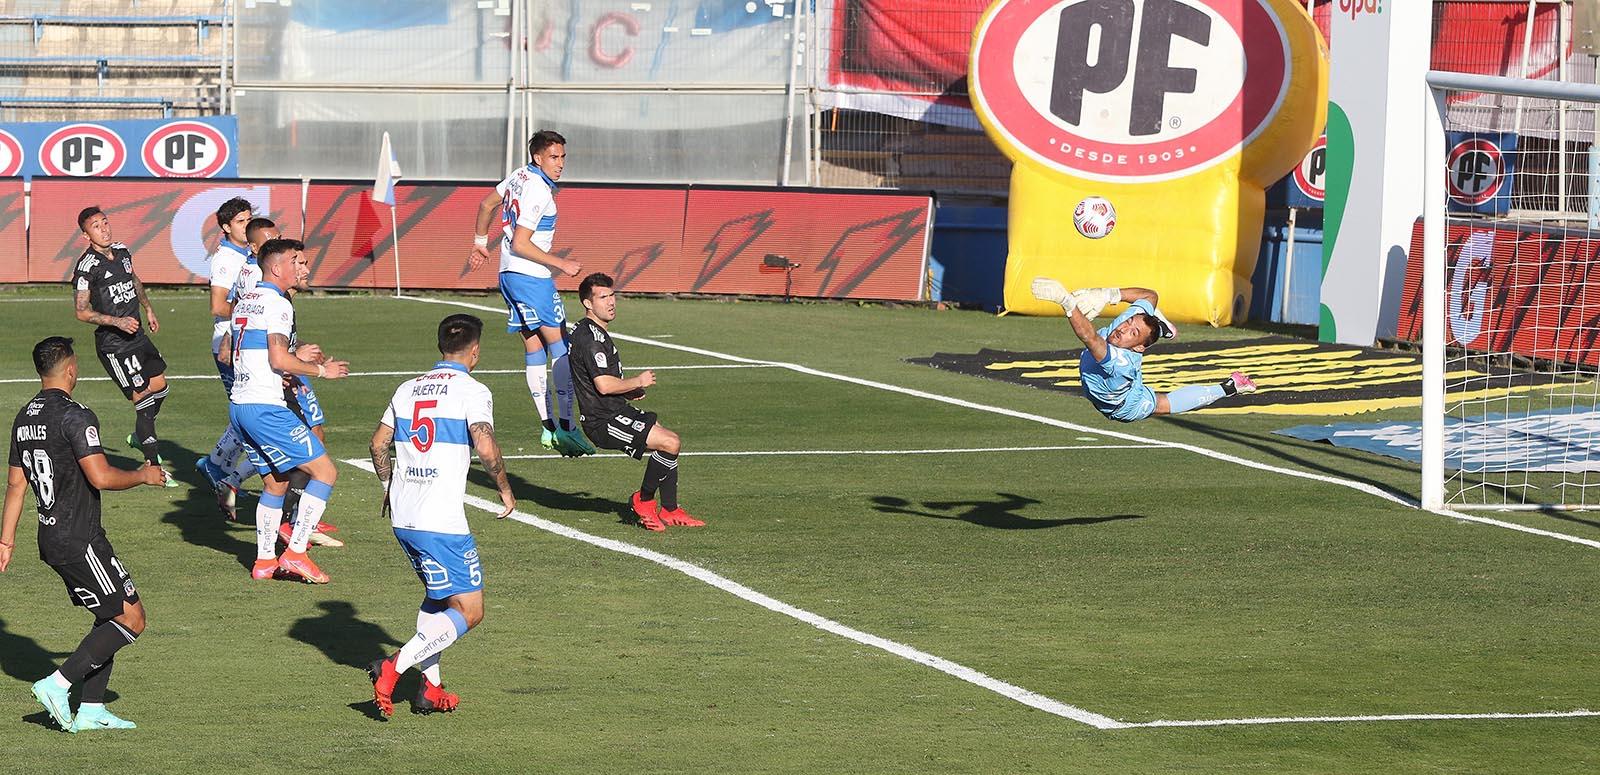 Universidad Católica y Colo Colo empataron sin goles en un nuevo clásico